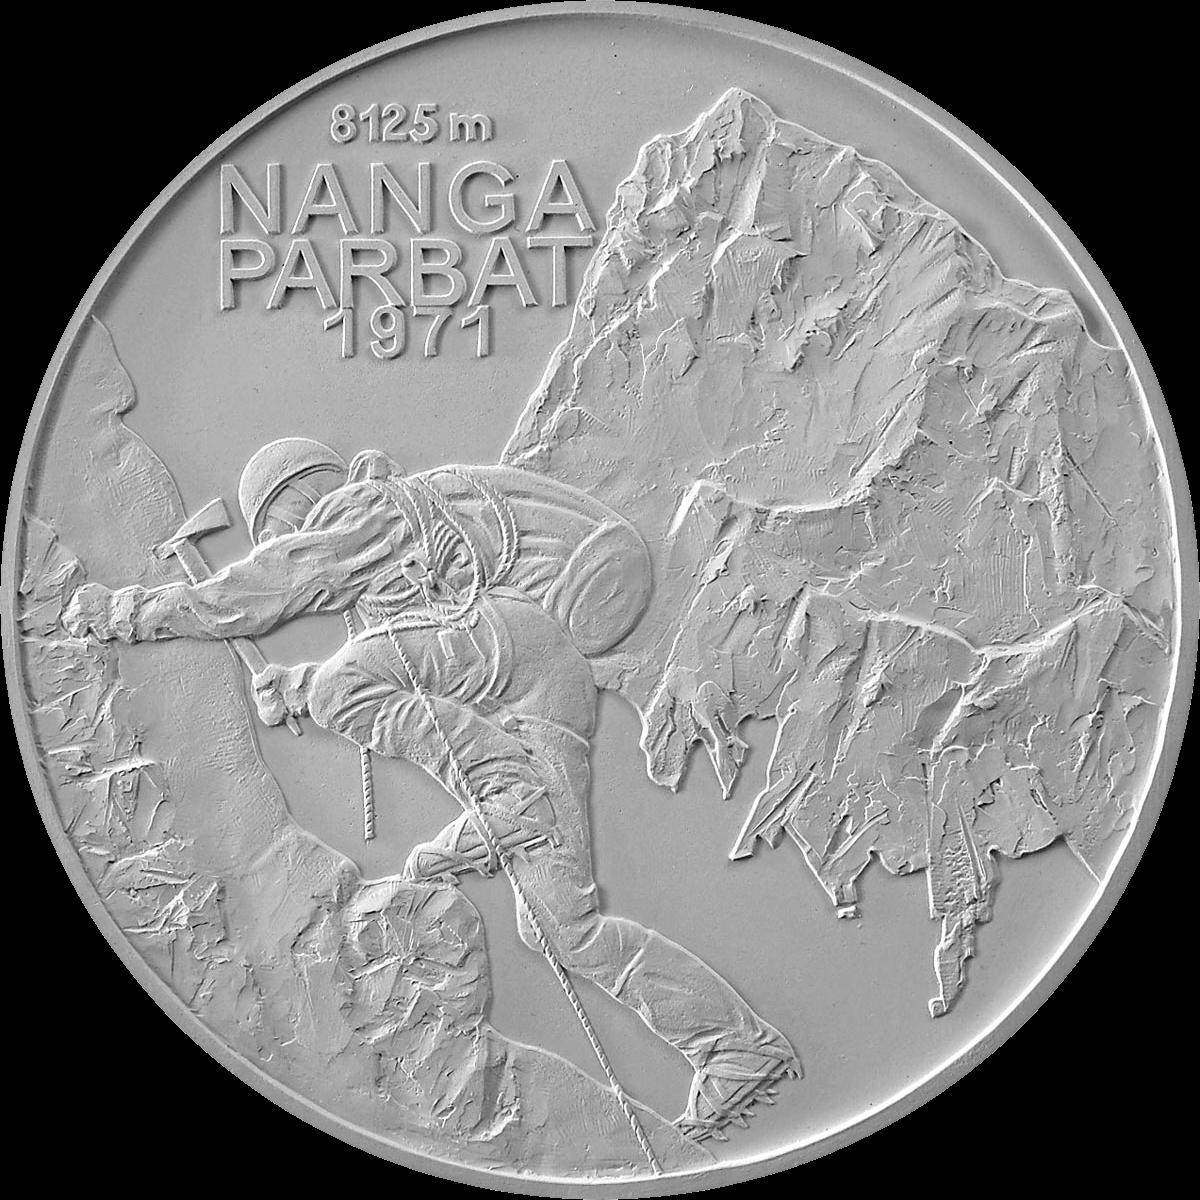 Словакия монета 10 евро 50-летие первого успешного восхождения словацких альпинистов на восьмитысячник, реверс